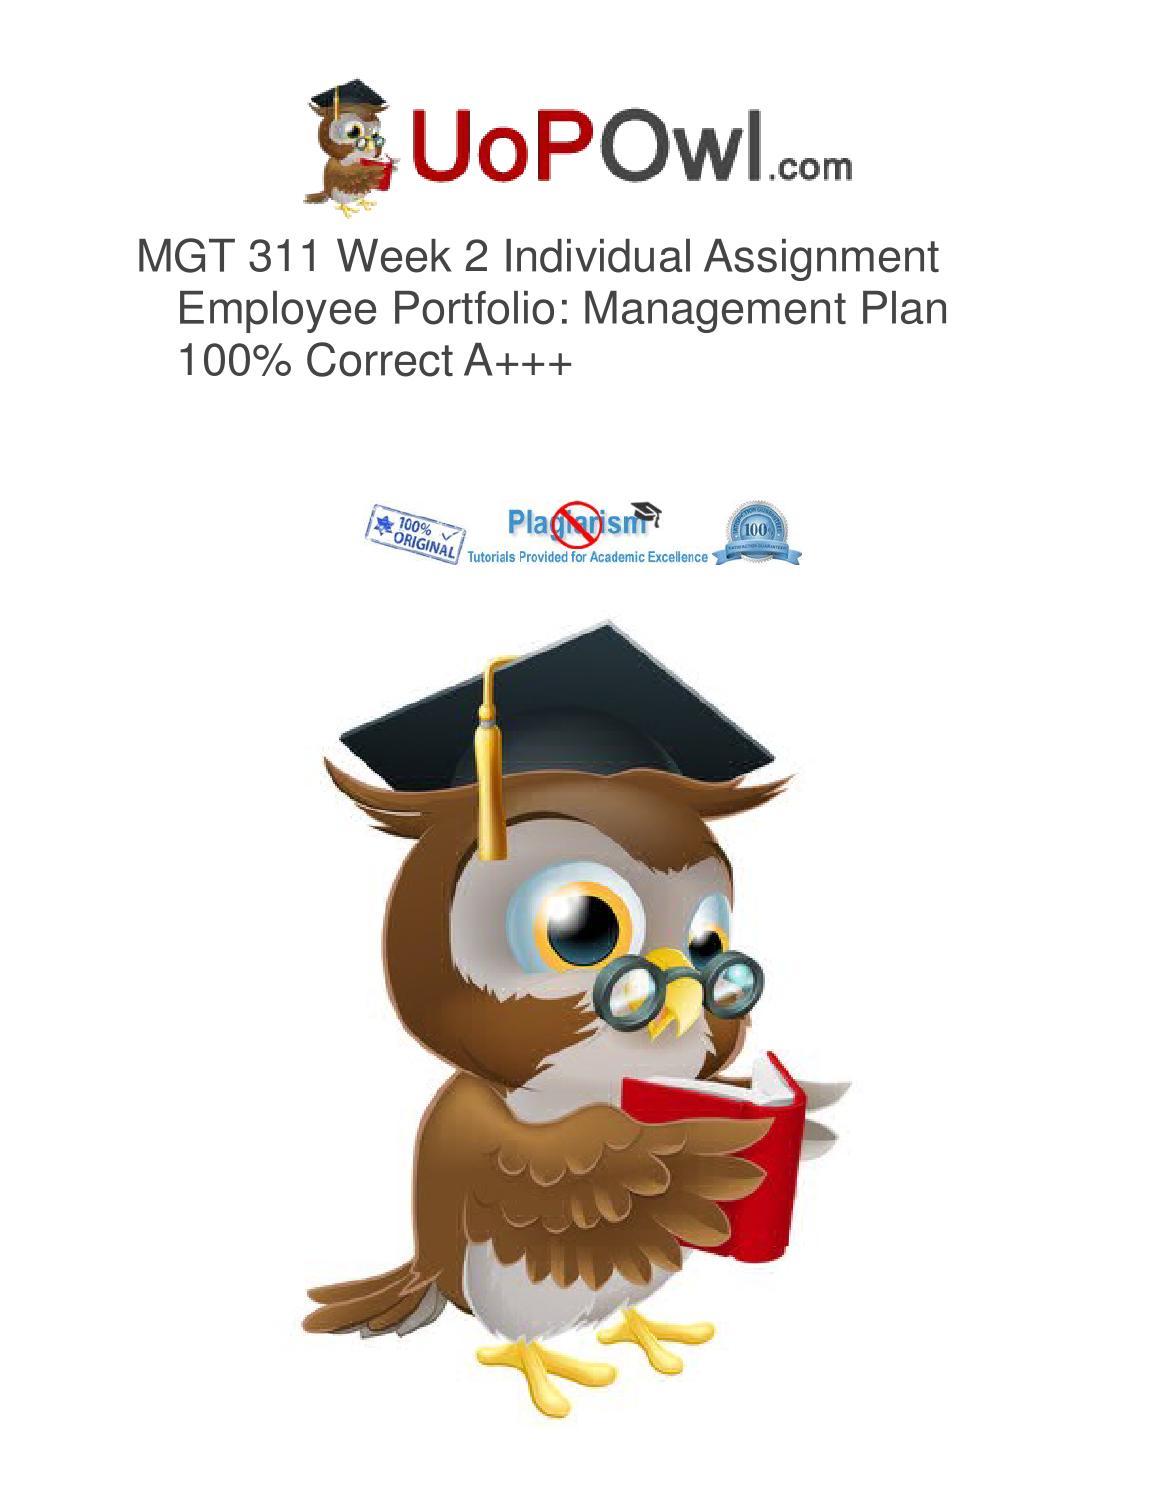 employee portfolio summary mgt 311